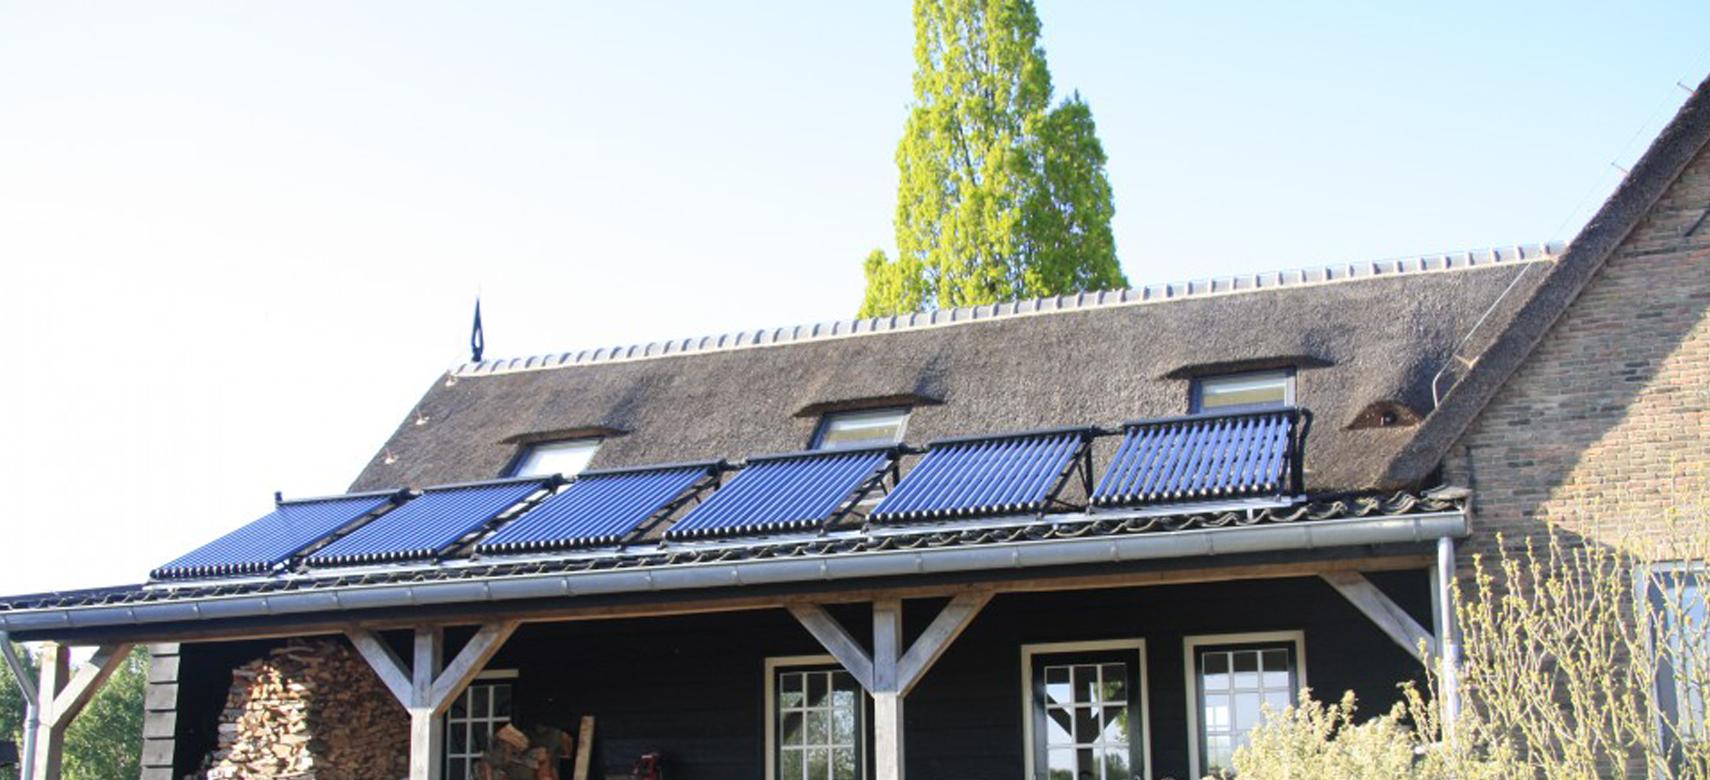 duurzaam verwarmen met verwarmingsystemen